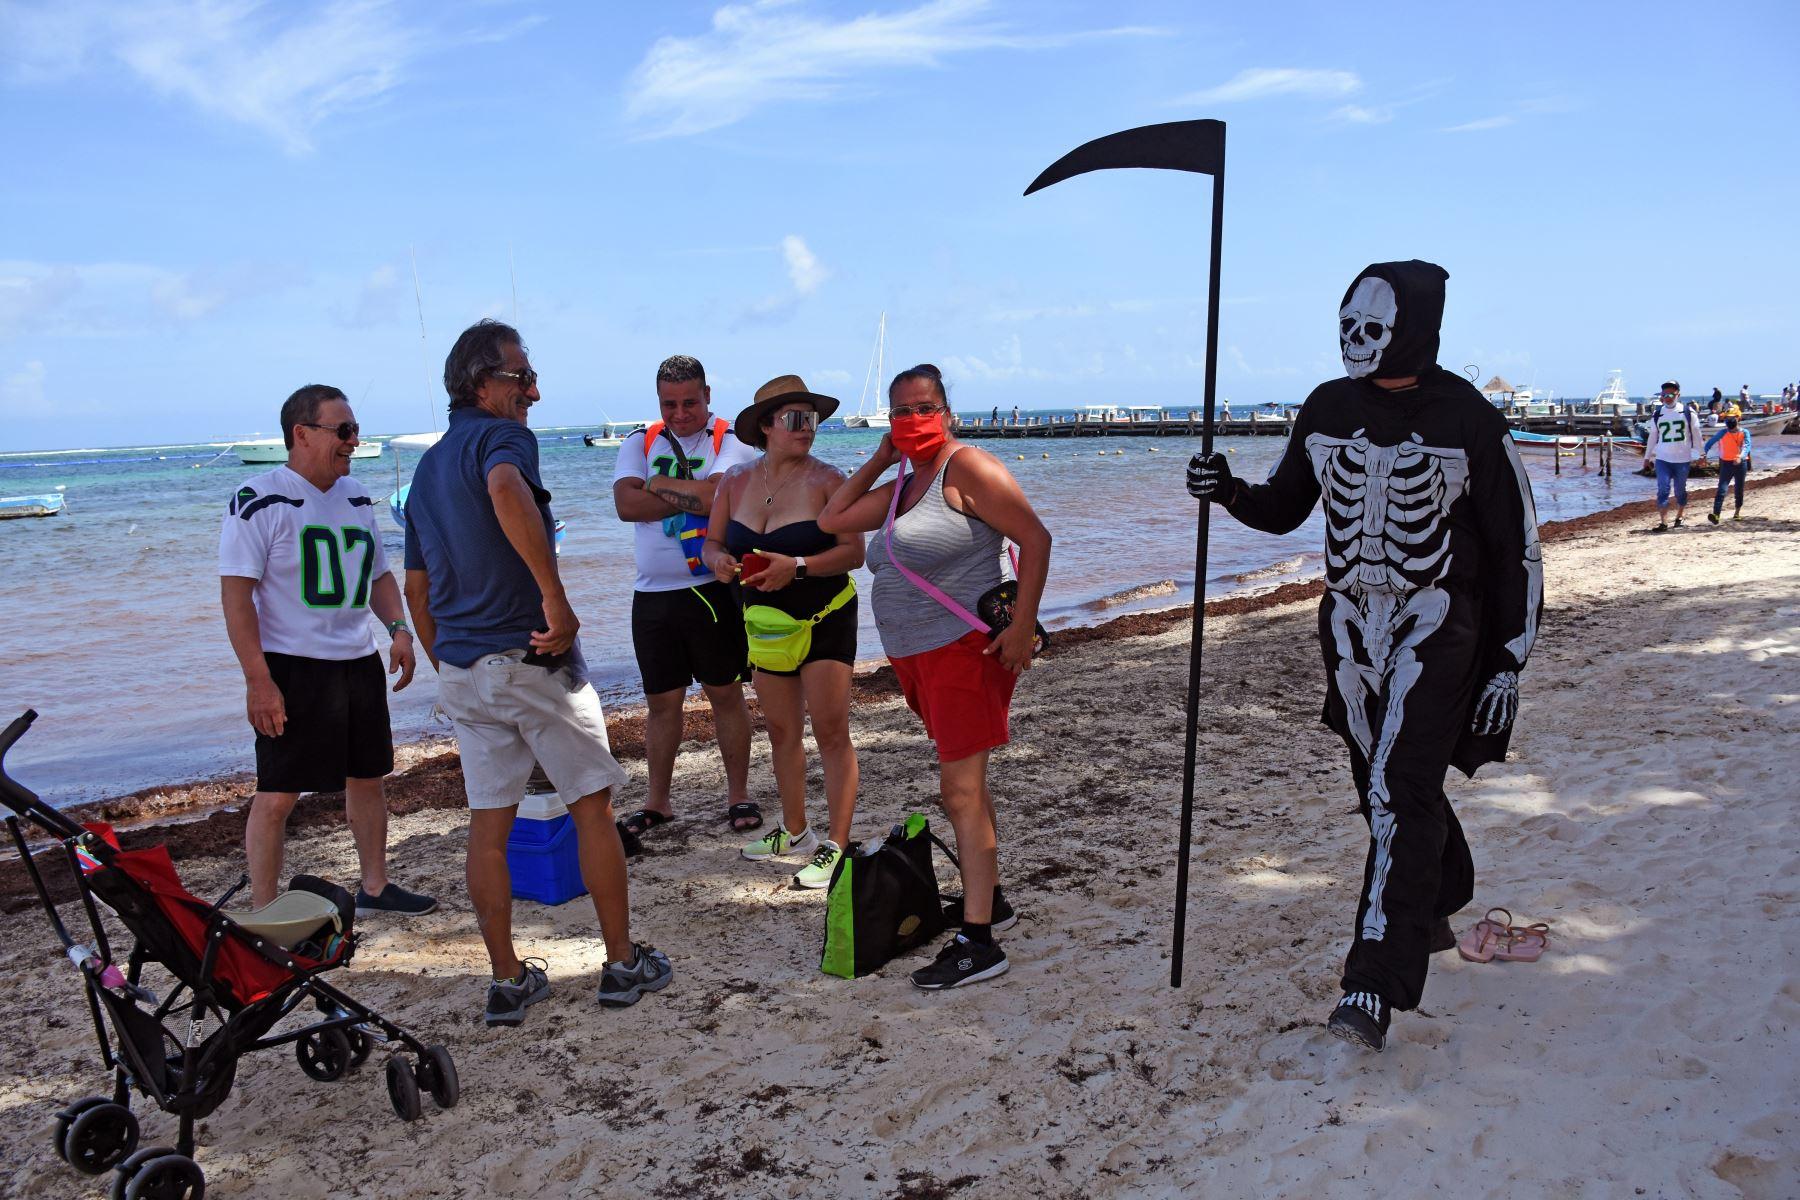 Un joven representa a la muerte invitando a turistas y lugareños a regresar a sus hogares ya que las playas  de México aún están cerradas para los visitantes debido a la pandemia. Foto: AFP